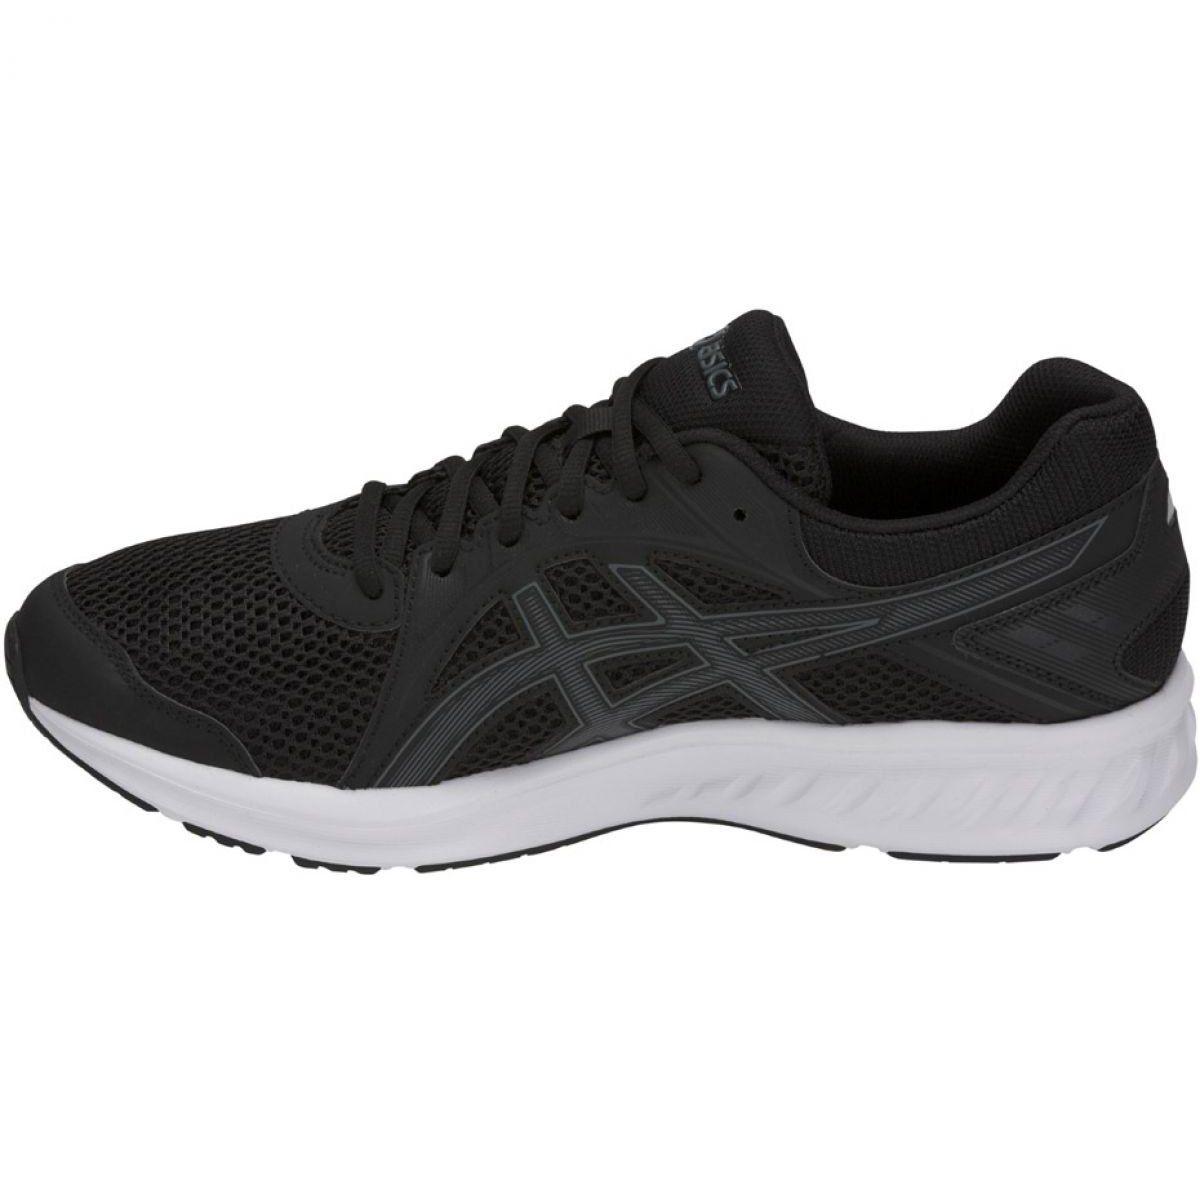 Buty Biegowe Asics Jolt 2 M 1011a167 001 Czarne Asics Running Shoes Asics Running Shoes